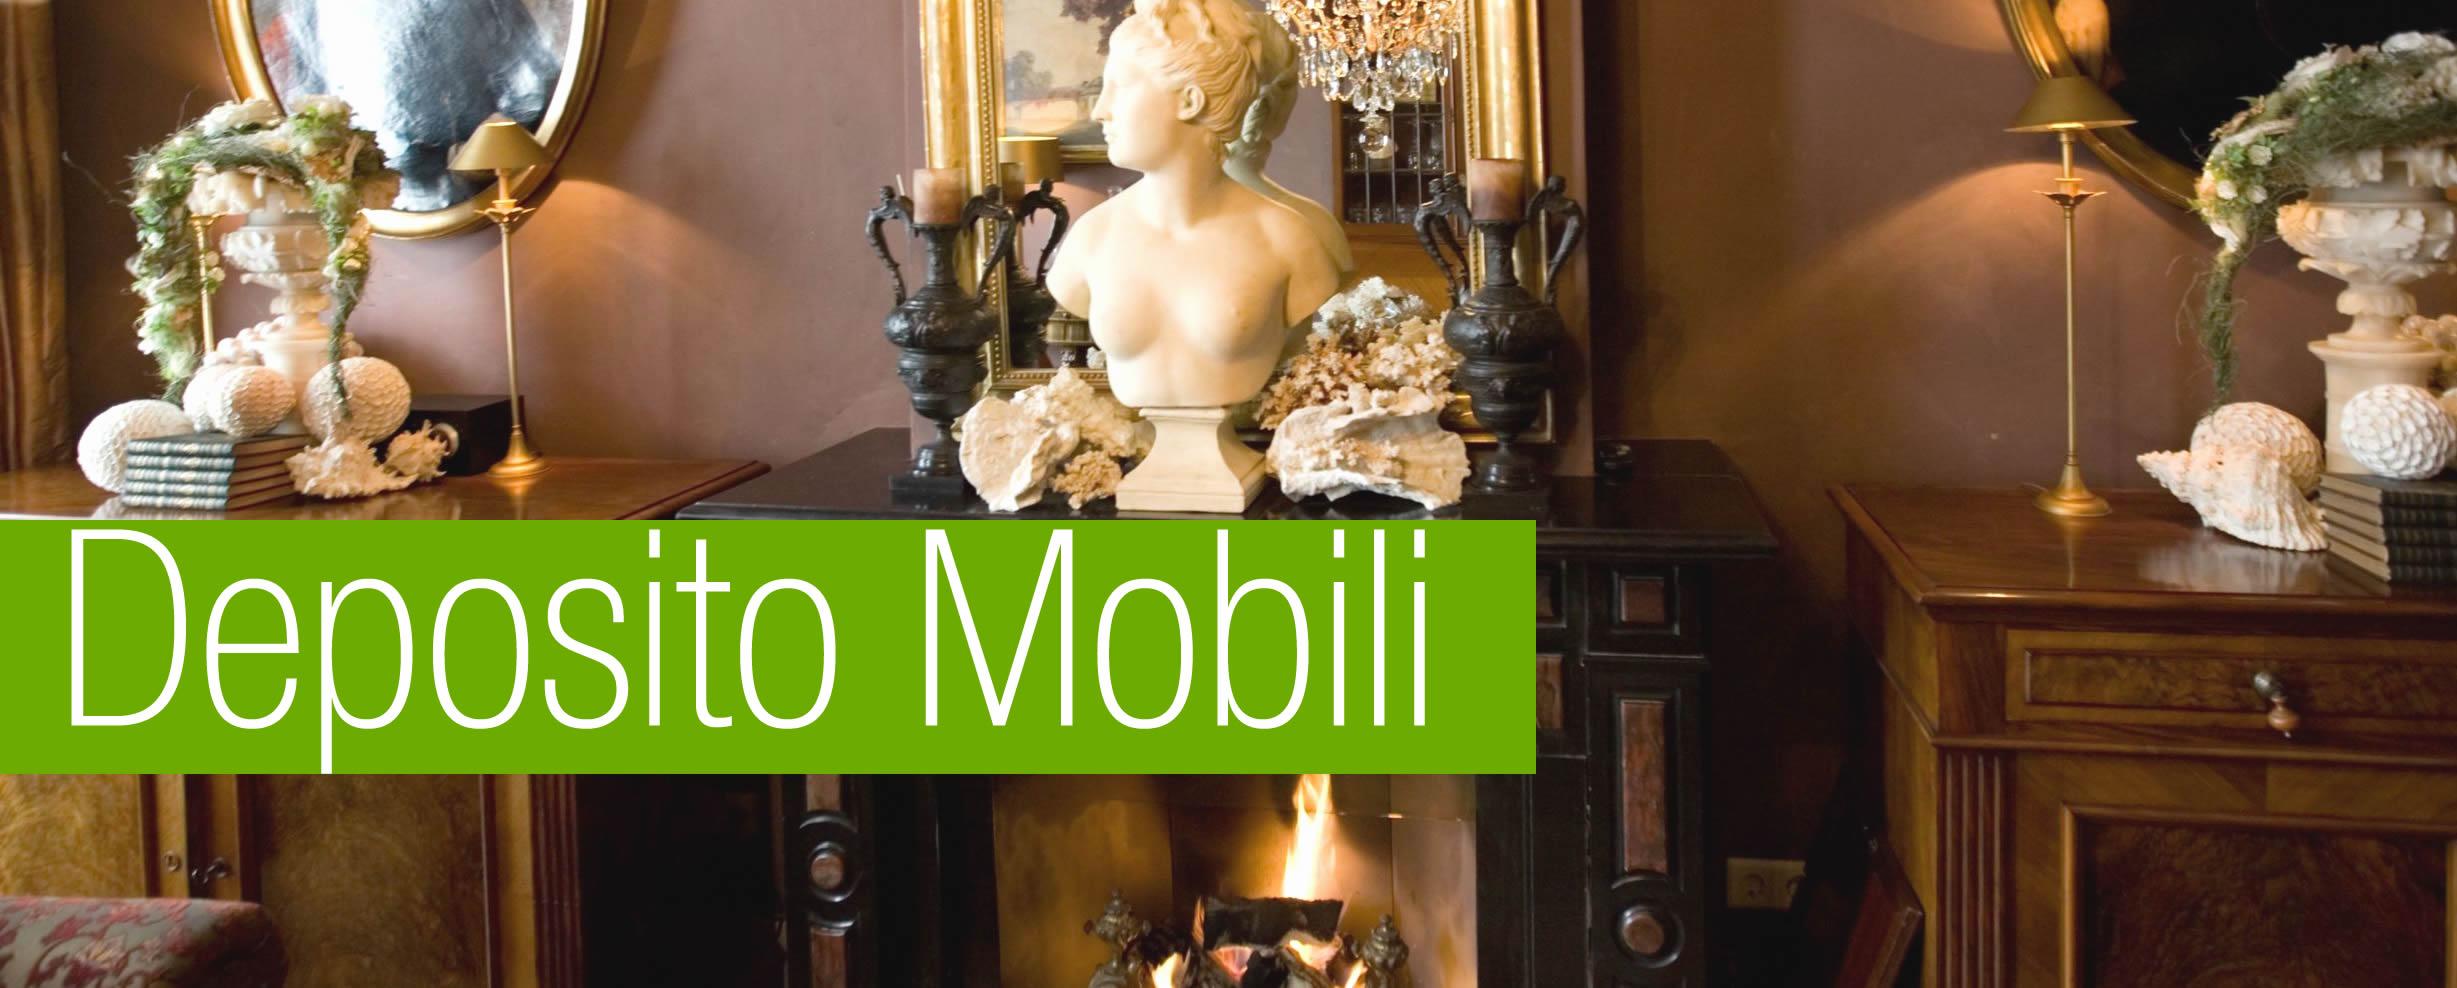 Trastevere Roma - Imballaggi per Trasloco - Deposito Mobili a Trastevere Roma